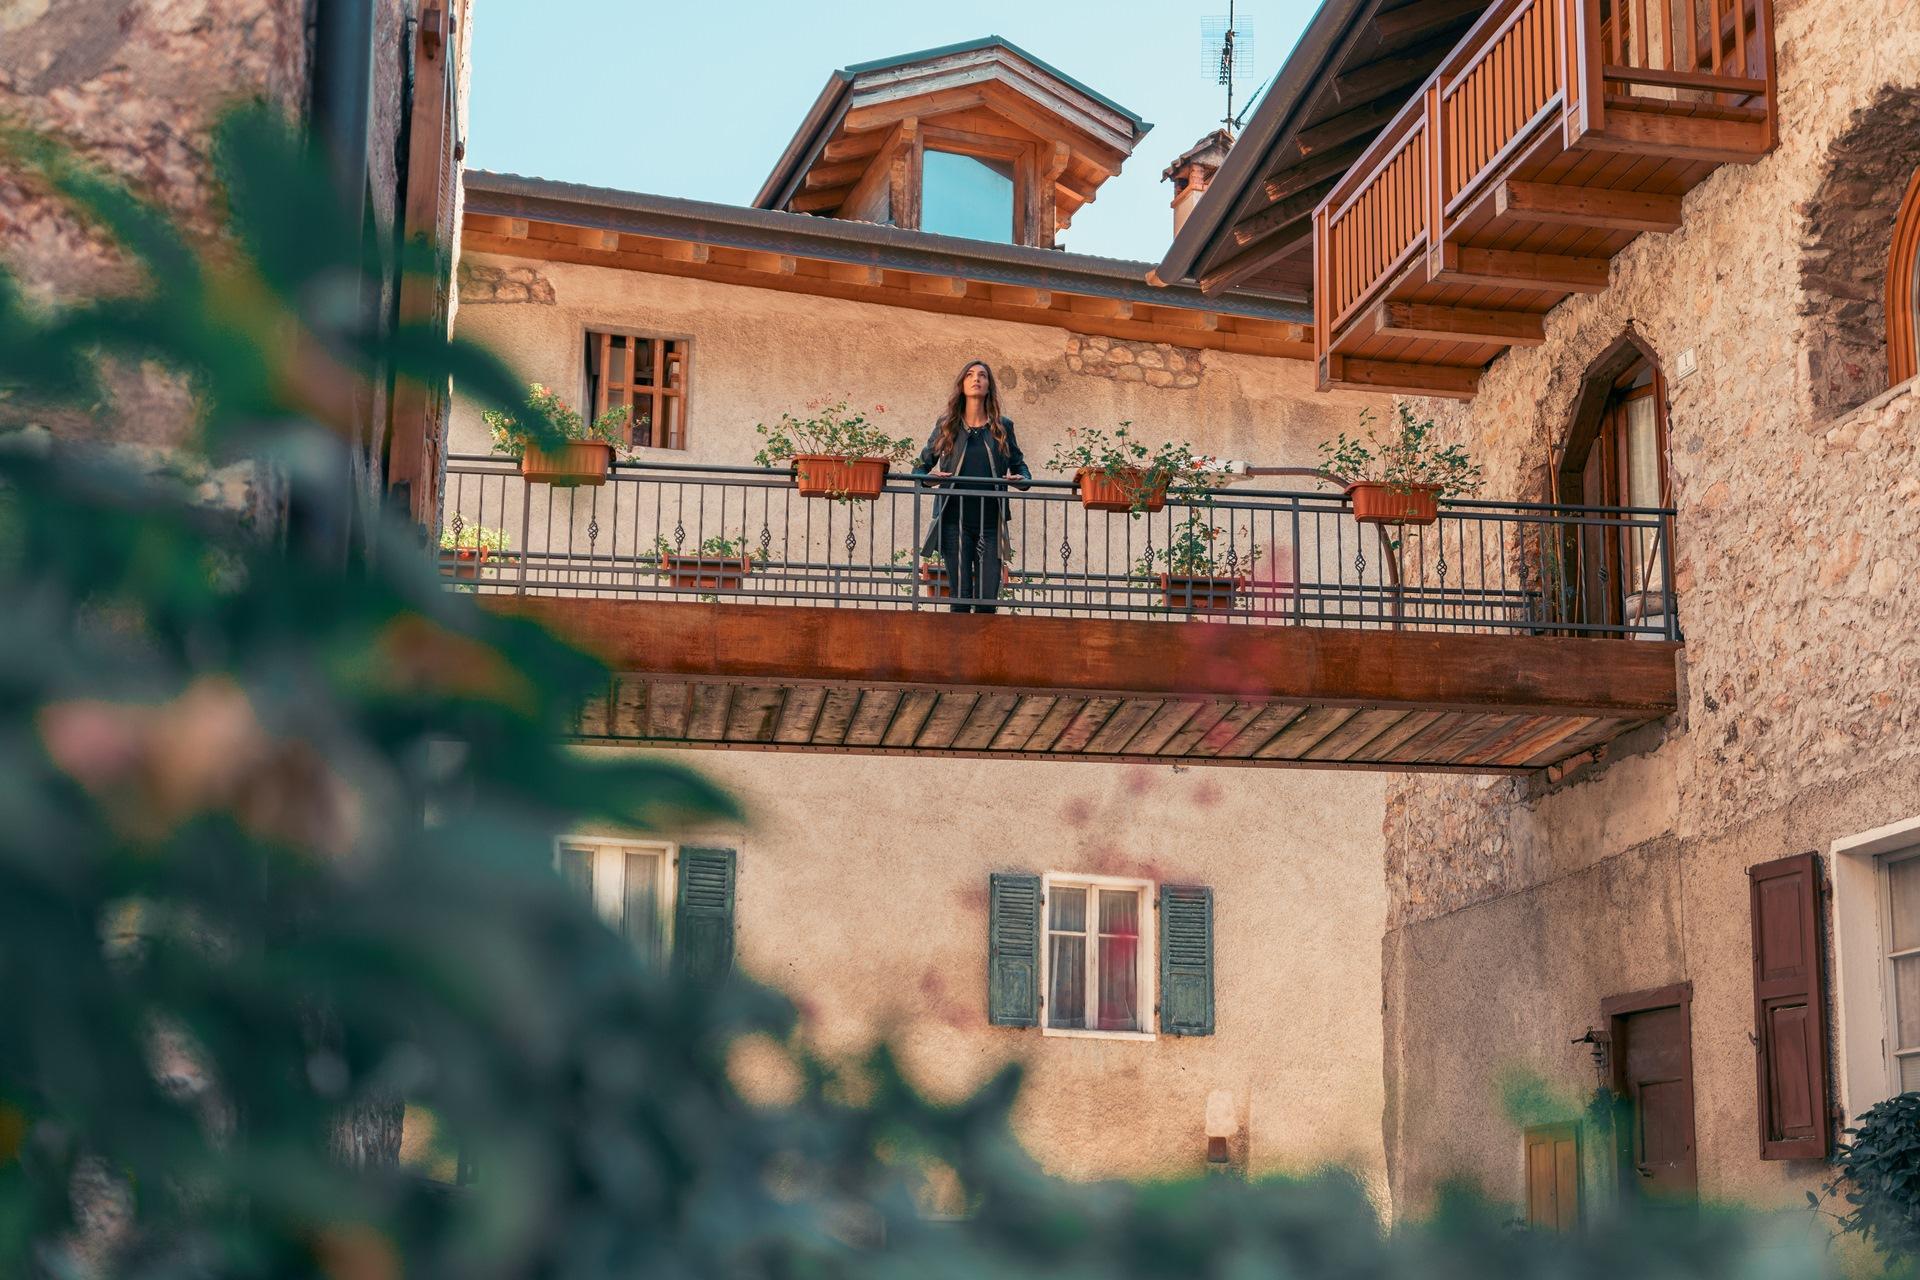 5 consigli per una vacanza a ritmo lento in Dolomiti Paganella